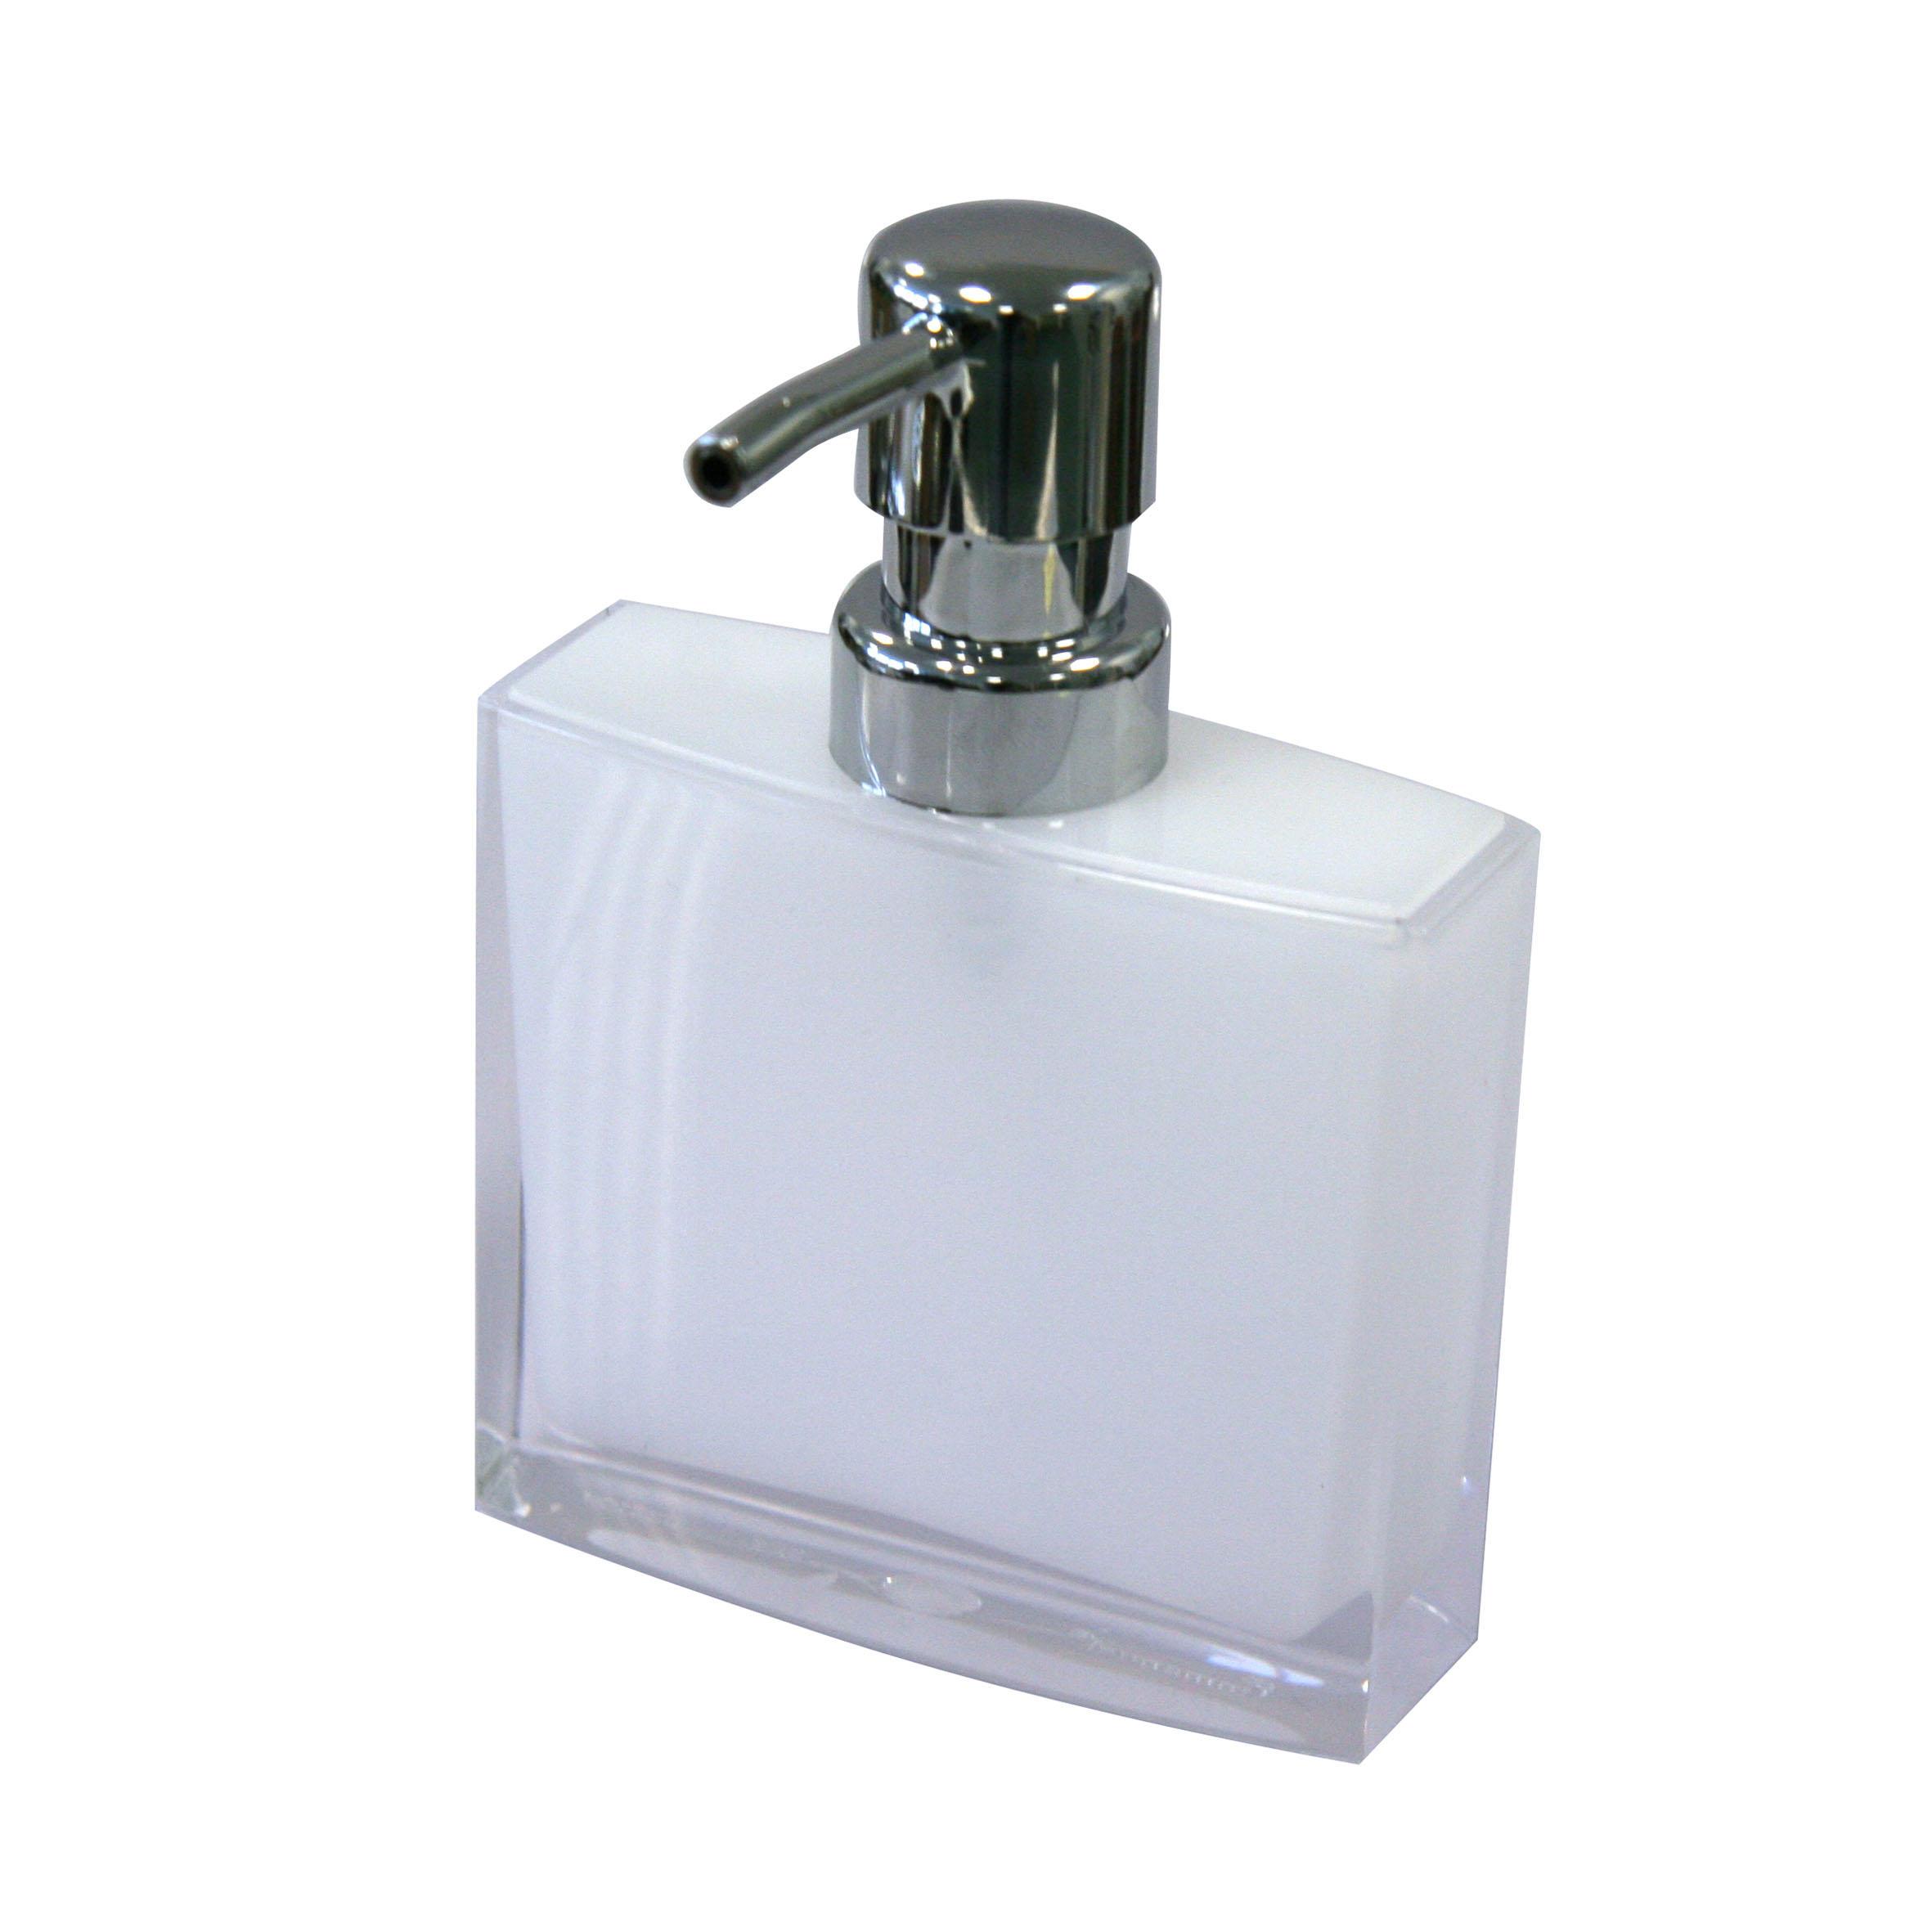 Дозатор для жидкого мыла Axentia Priamos, цвет: белый, хром282322Дозатор для жидкого мыла из коллекции Axentia PRIAMOS изготавливается из высококачественного акрила - долговечный, прочный и легкий в уходе материал прослужит вам долгие годы.